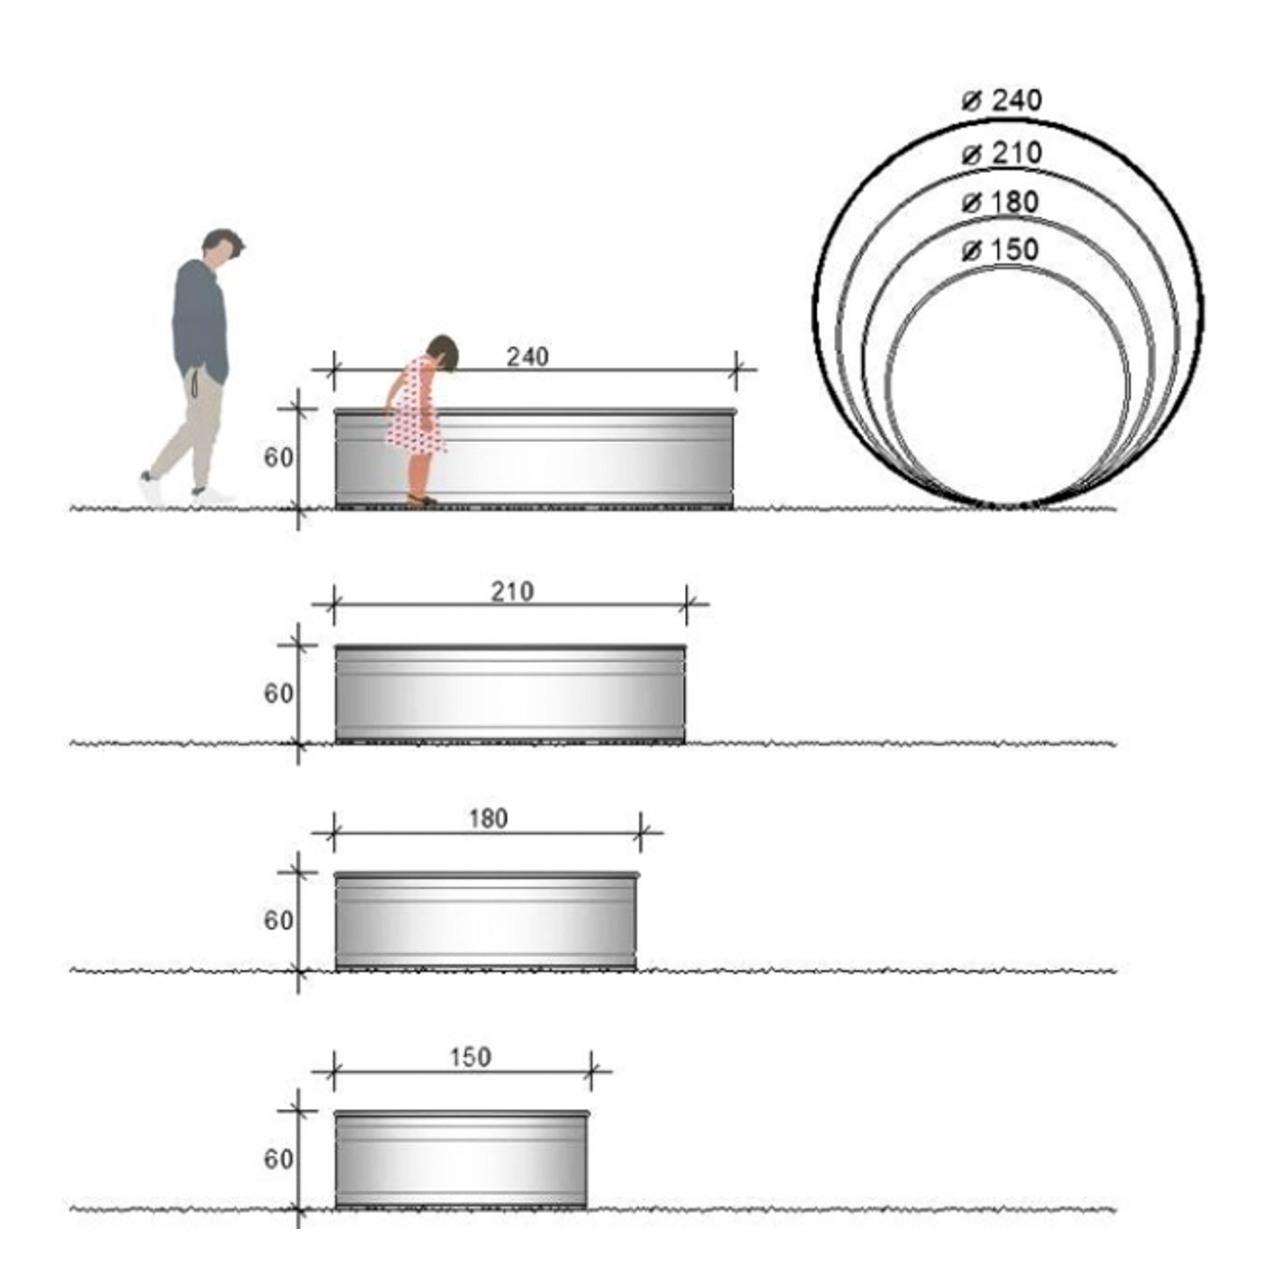 Runder Pool von 'Tankkd' Skizze